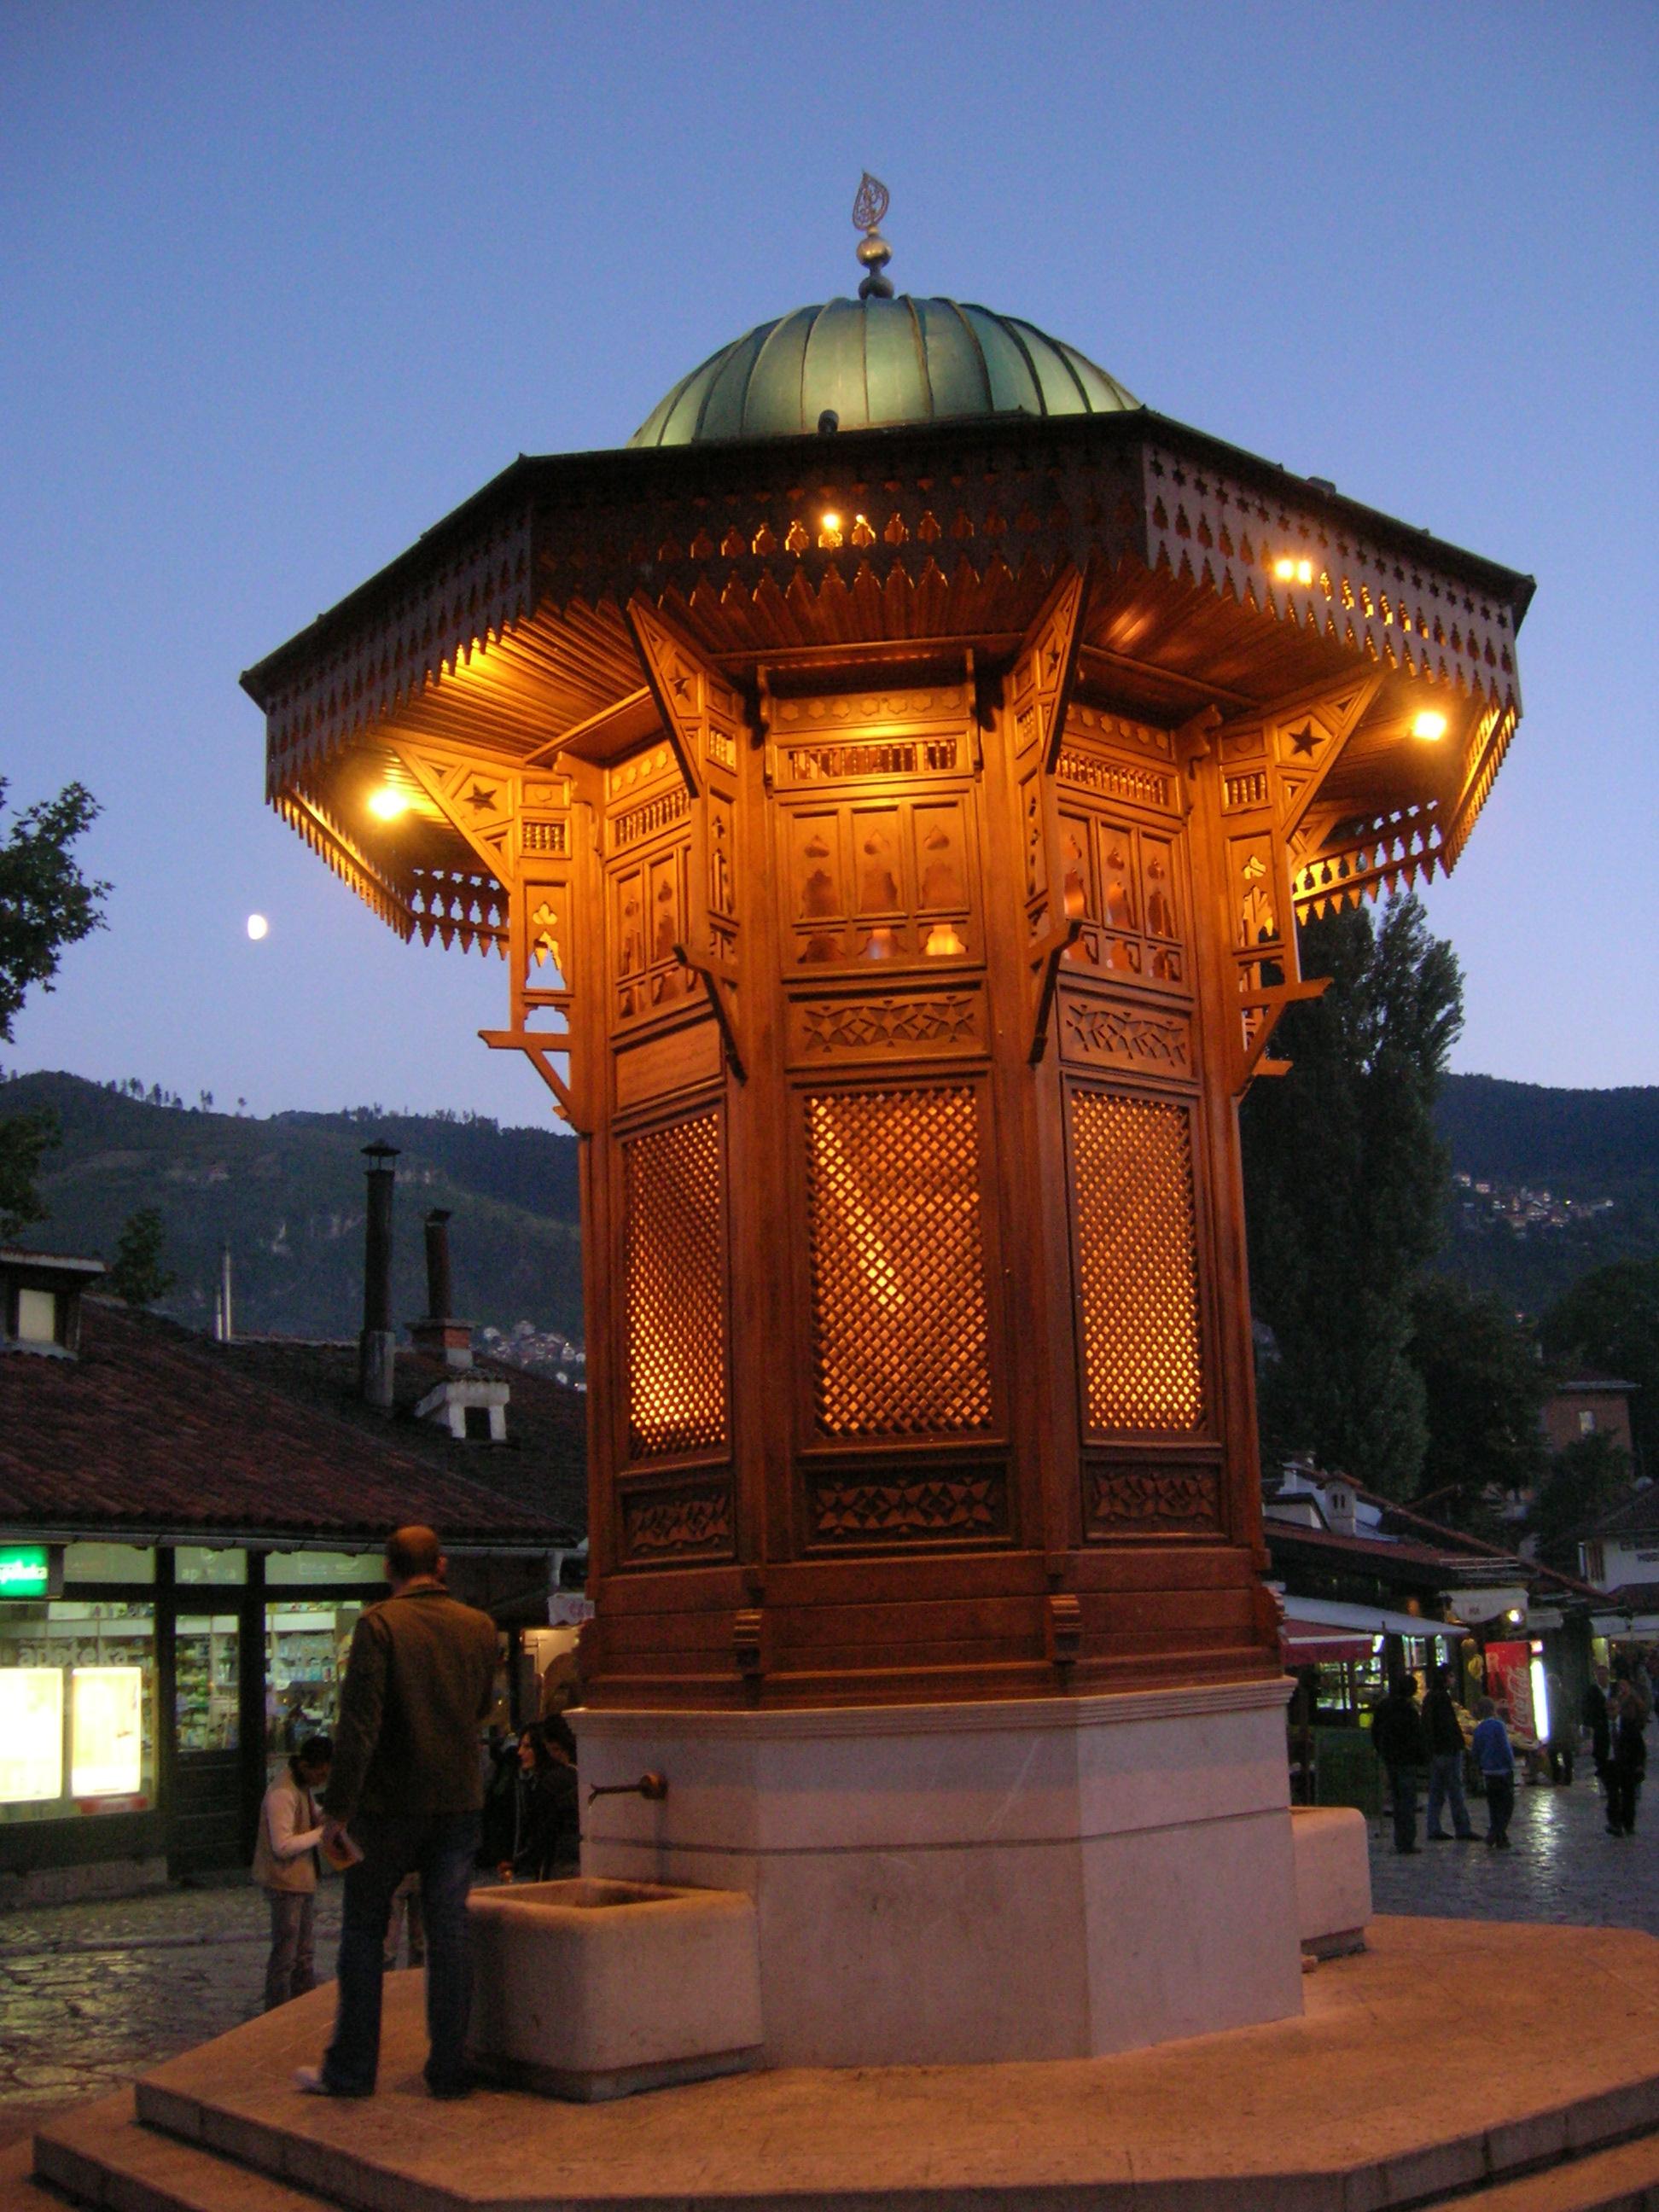 File:Sebilj, fountain in Sarajevo.jpg - Wikimedia Commons